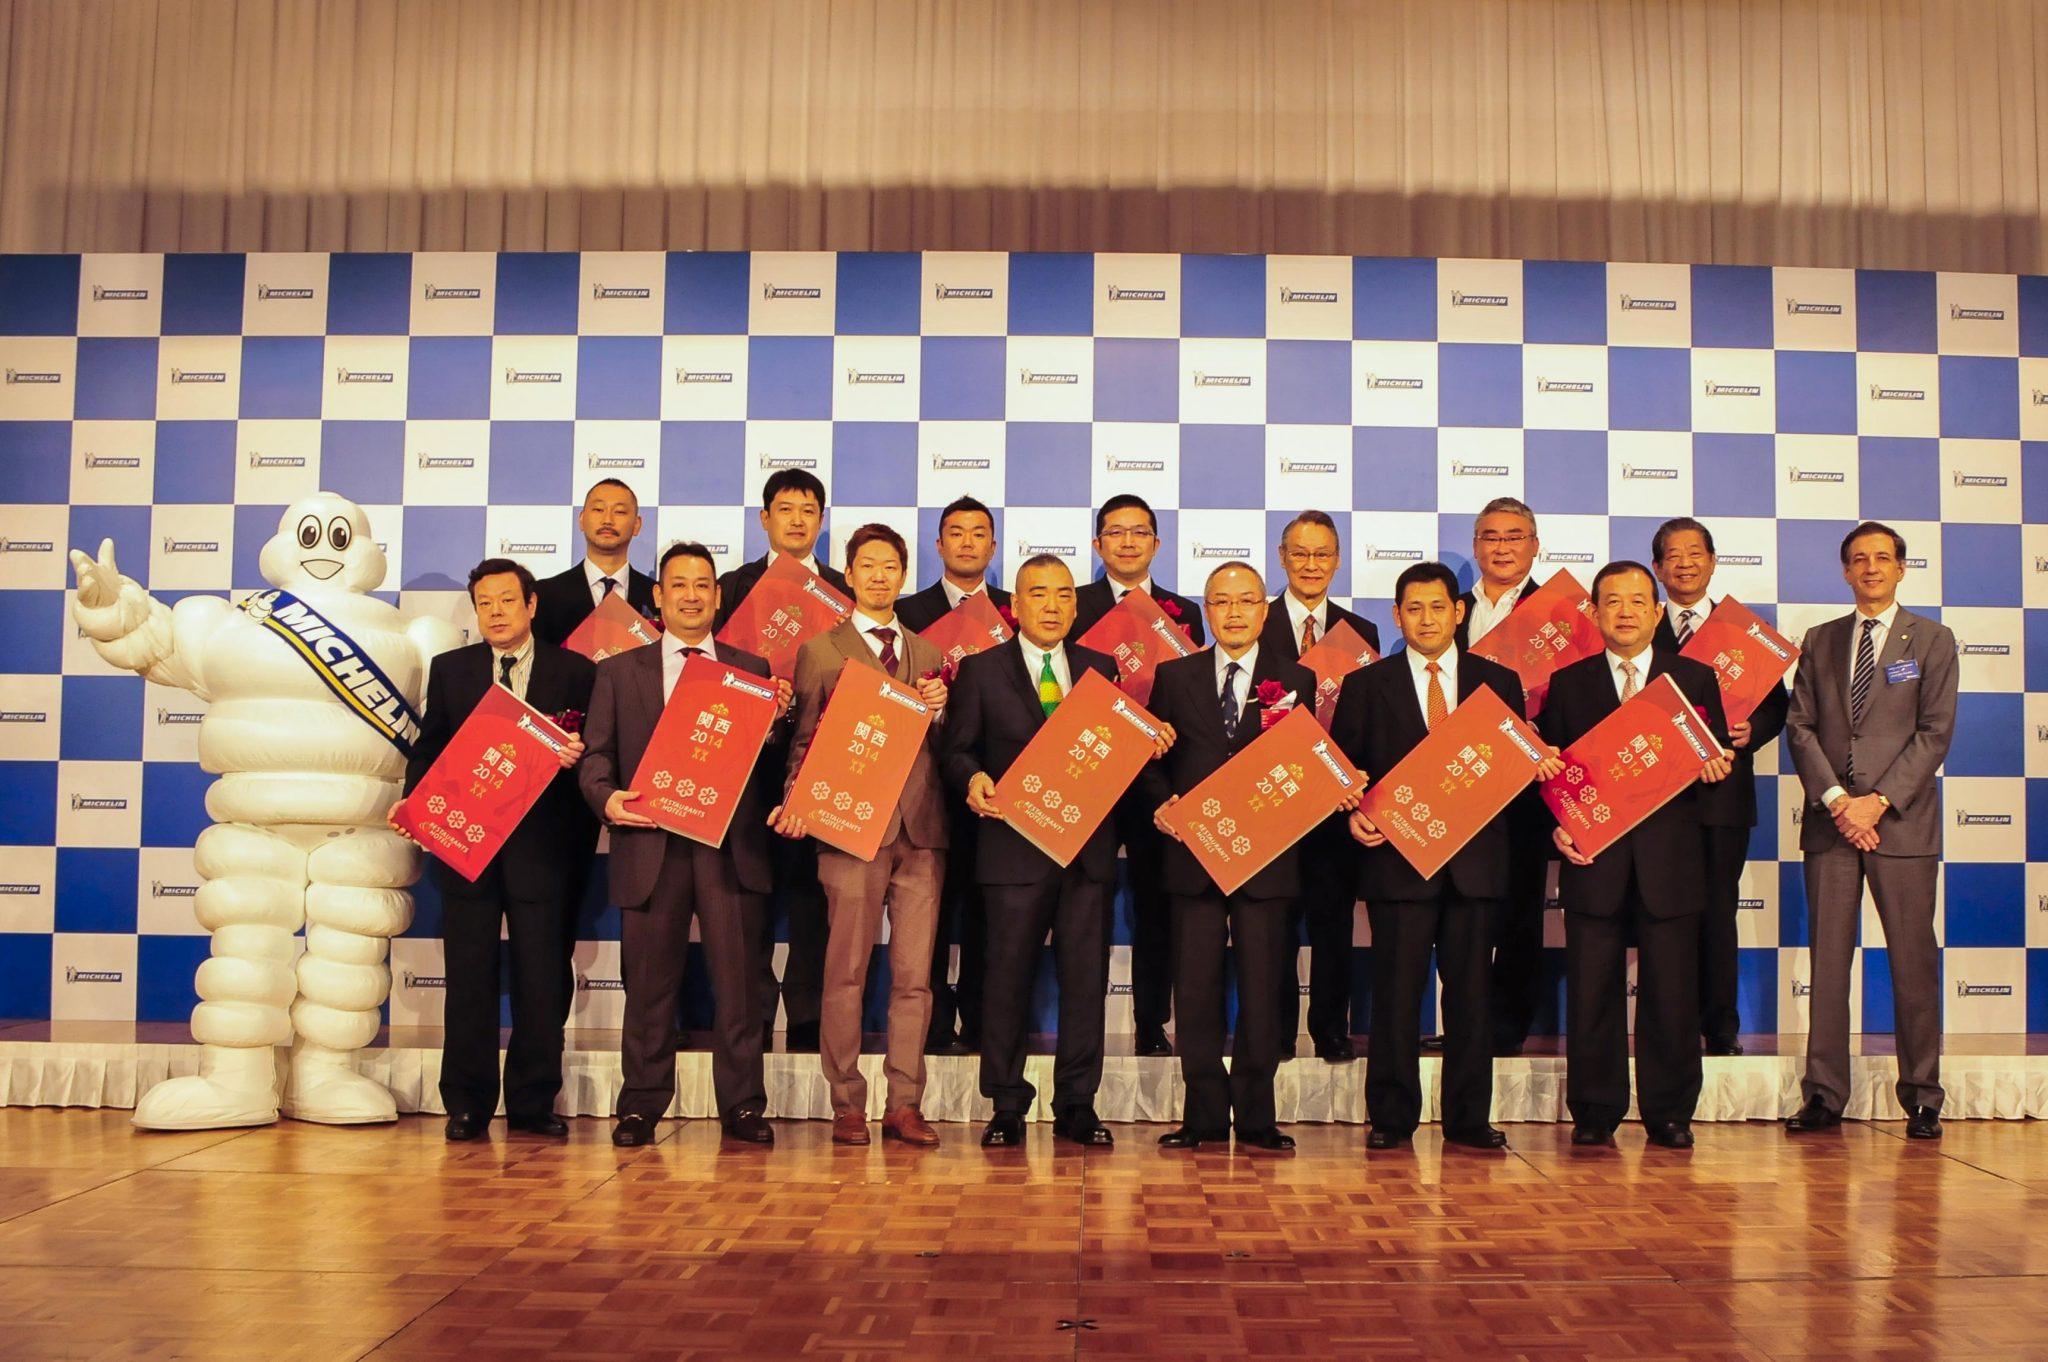 ミシュランガイド関西2014 出版記念パーティー 三つ星シェフ集合写真